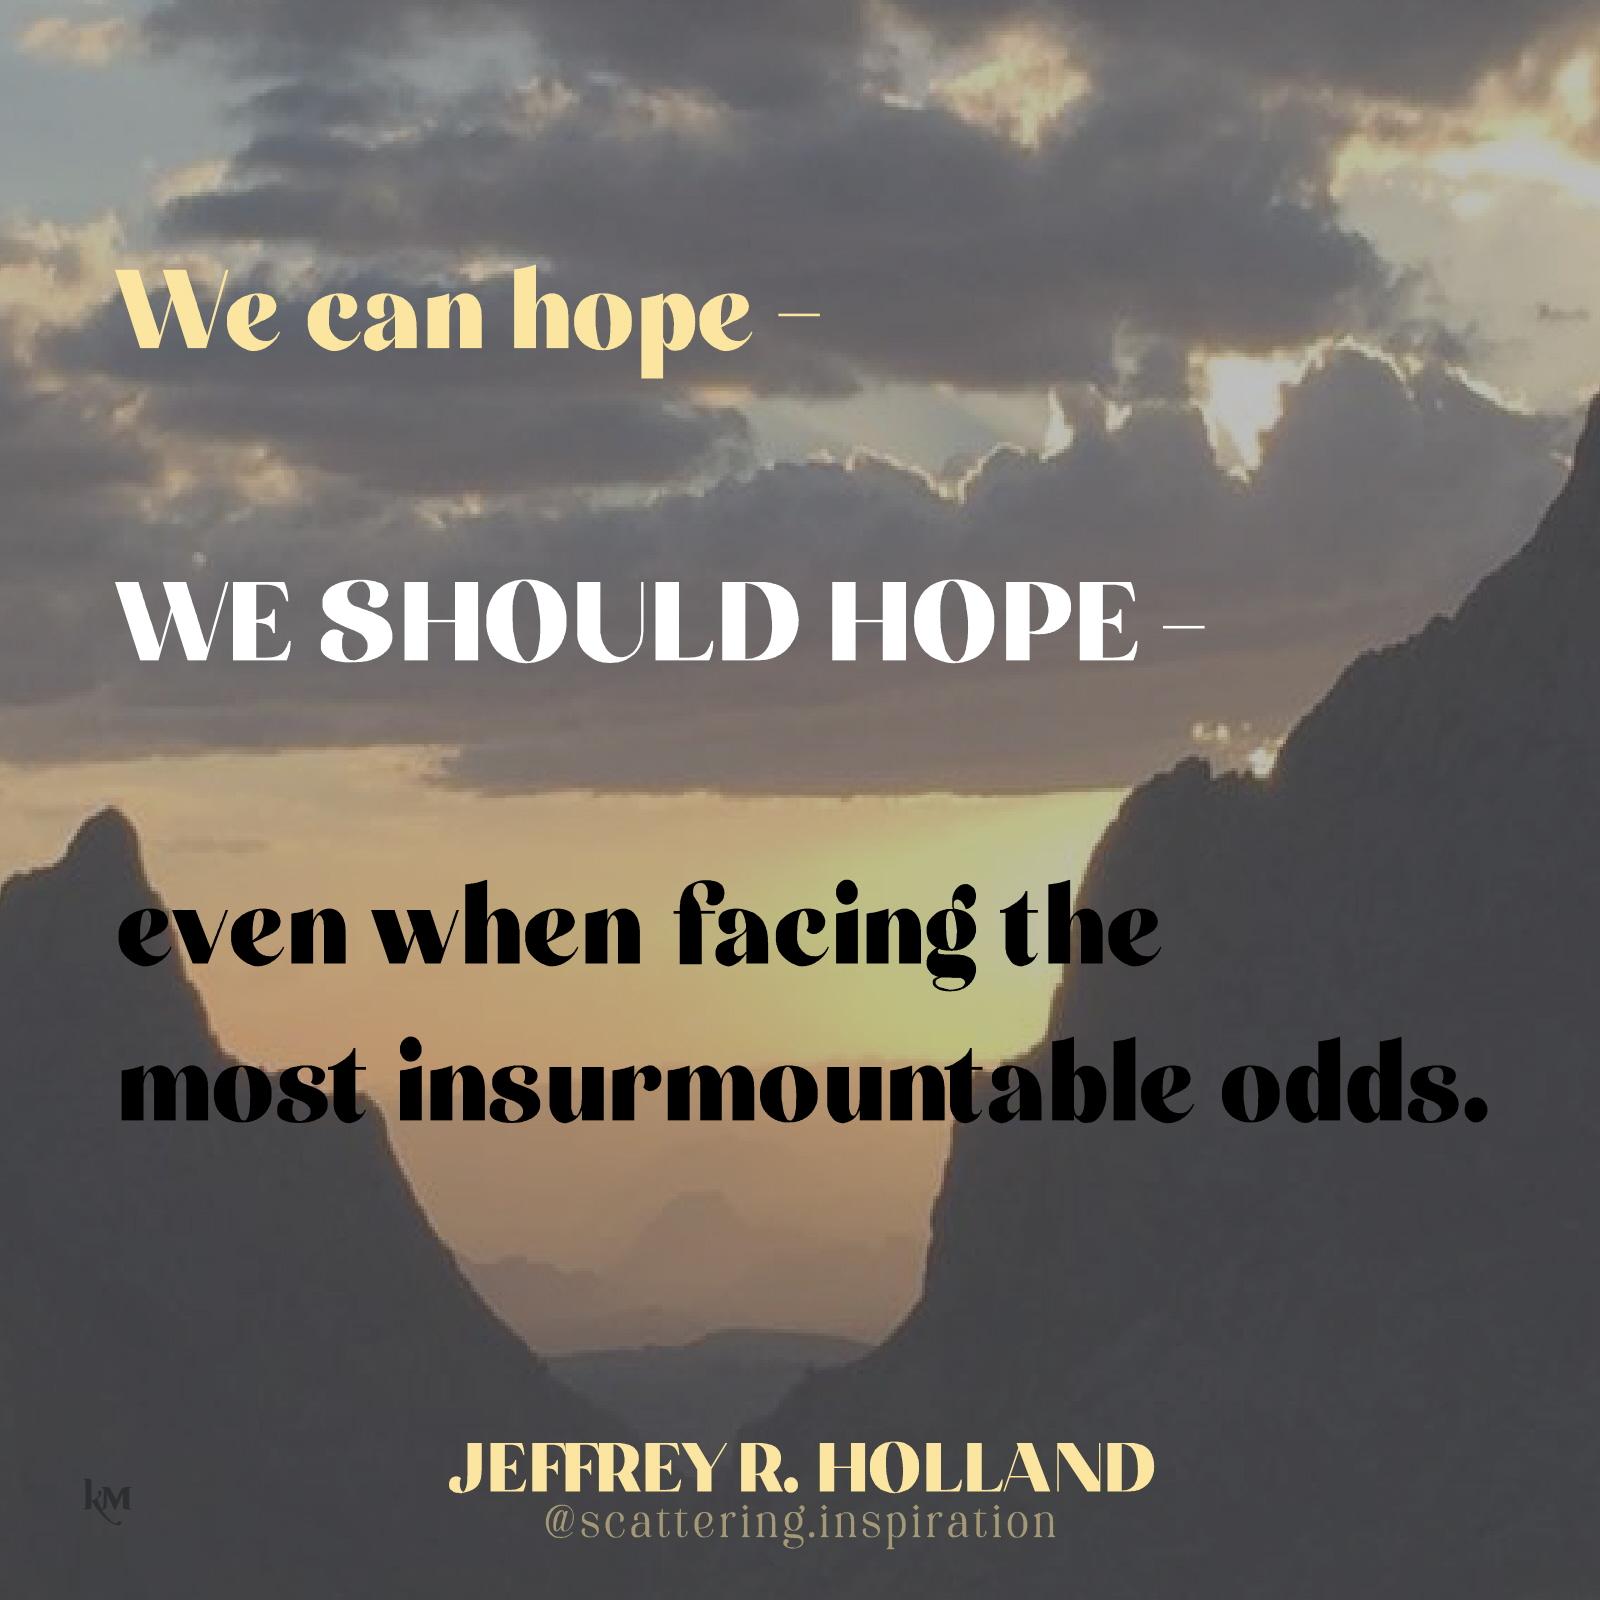 we should hope